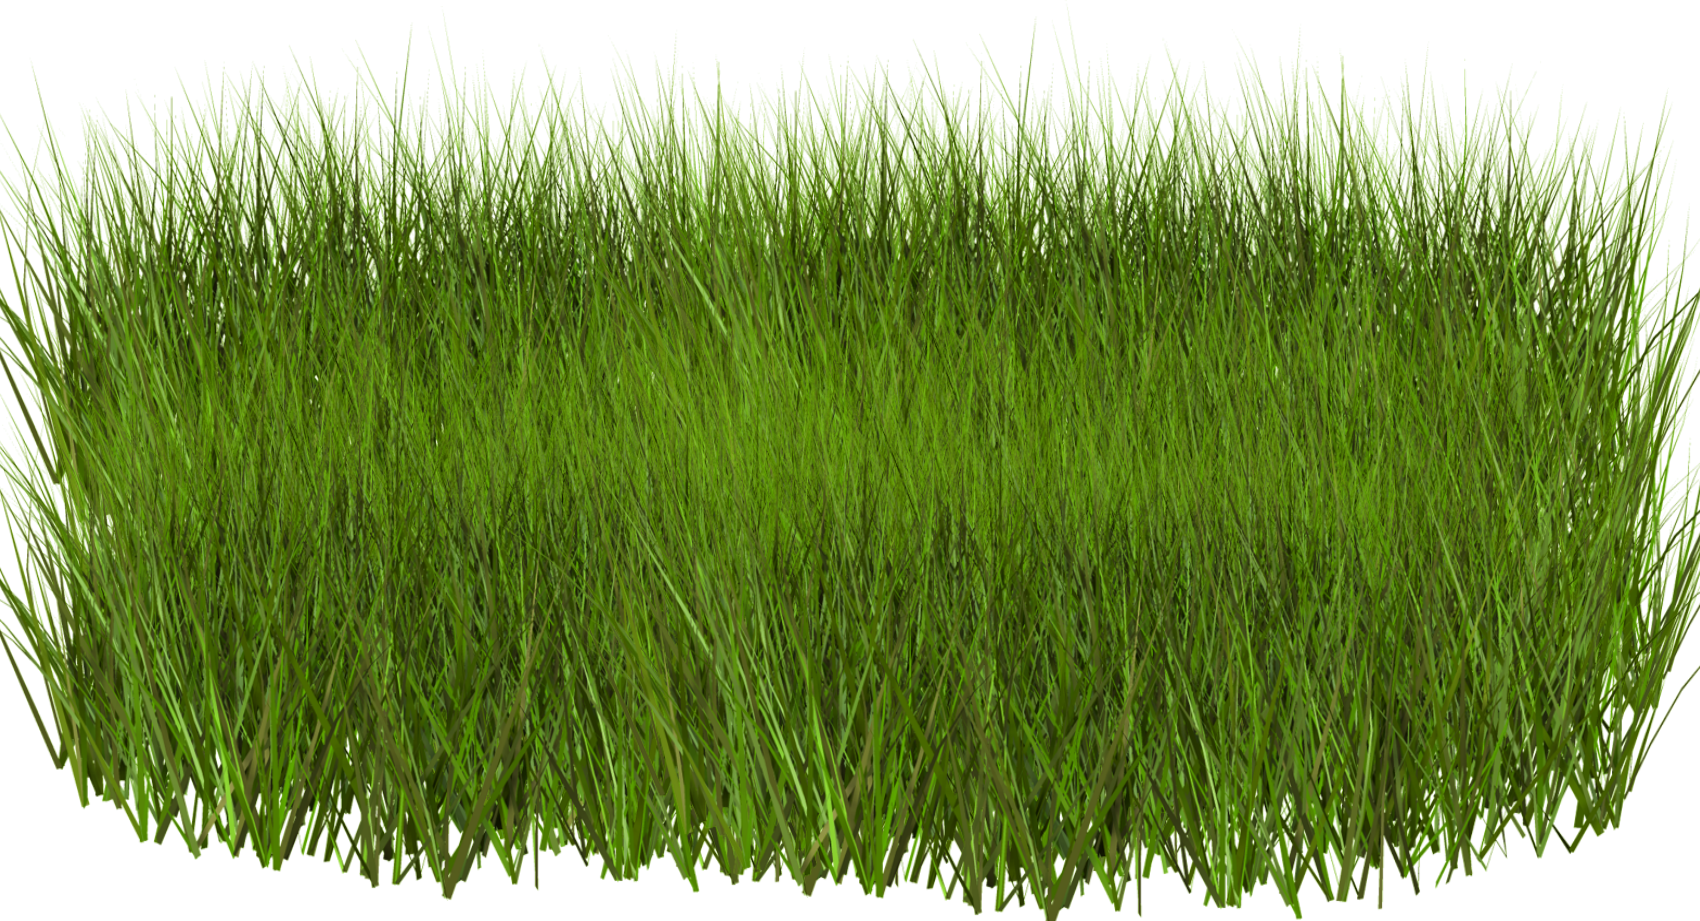 трава картинки пнг